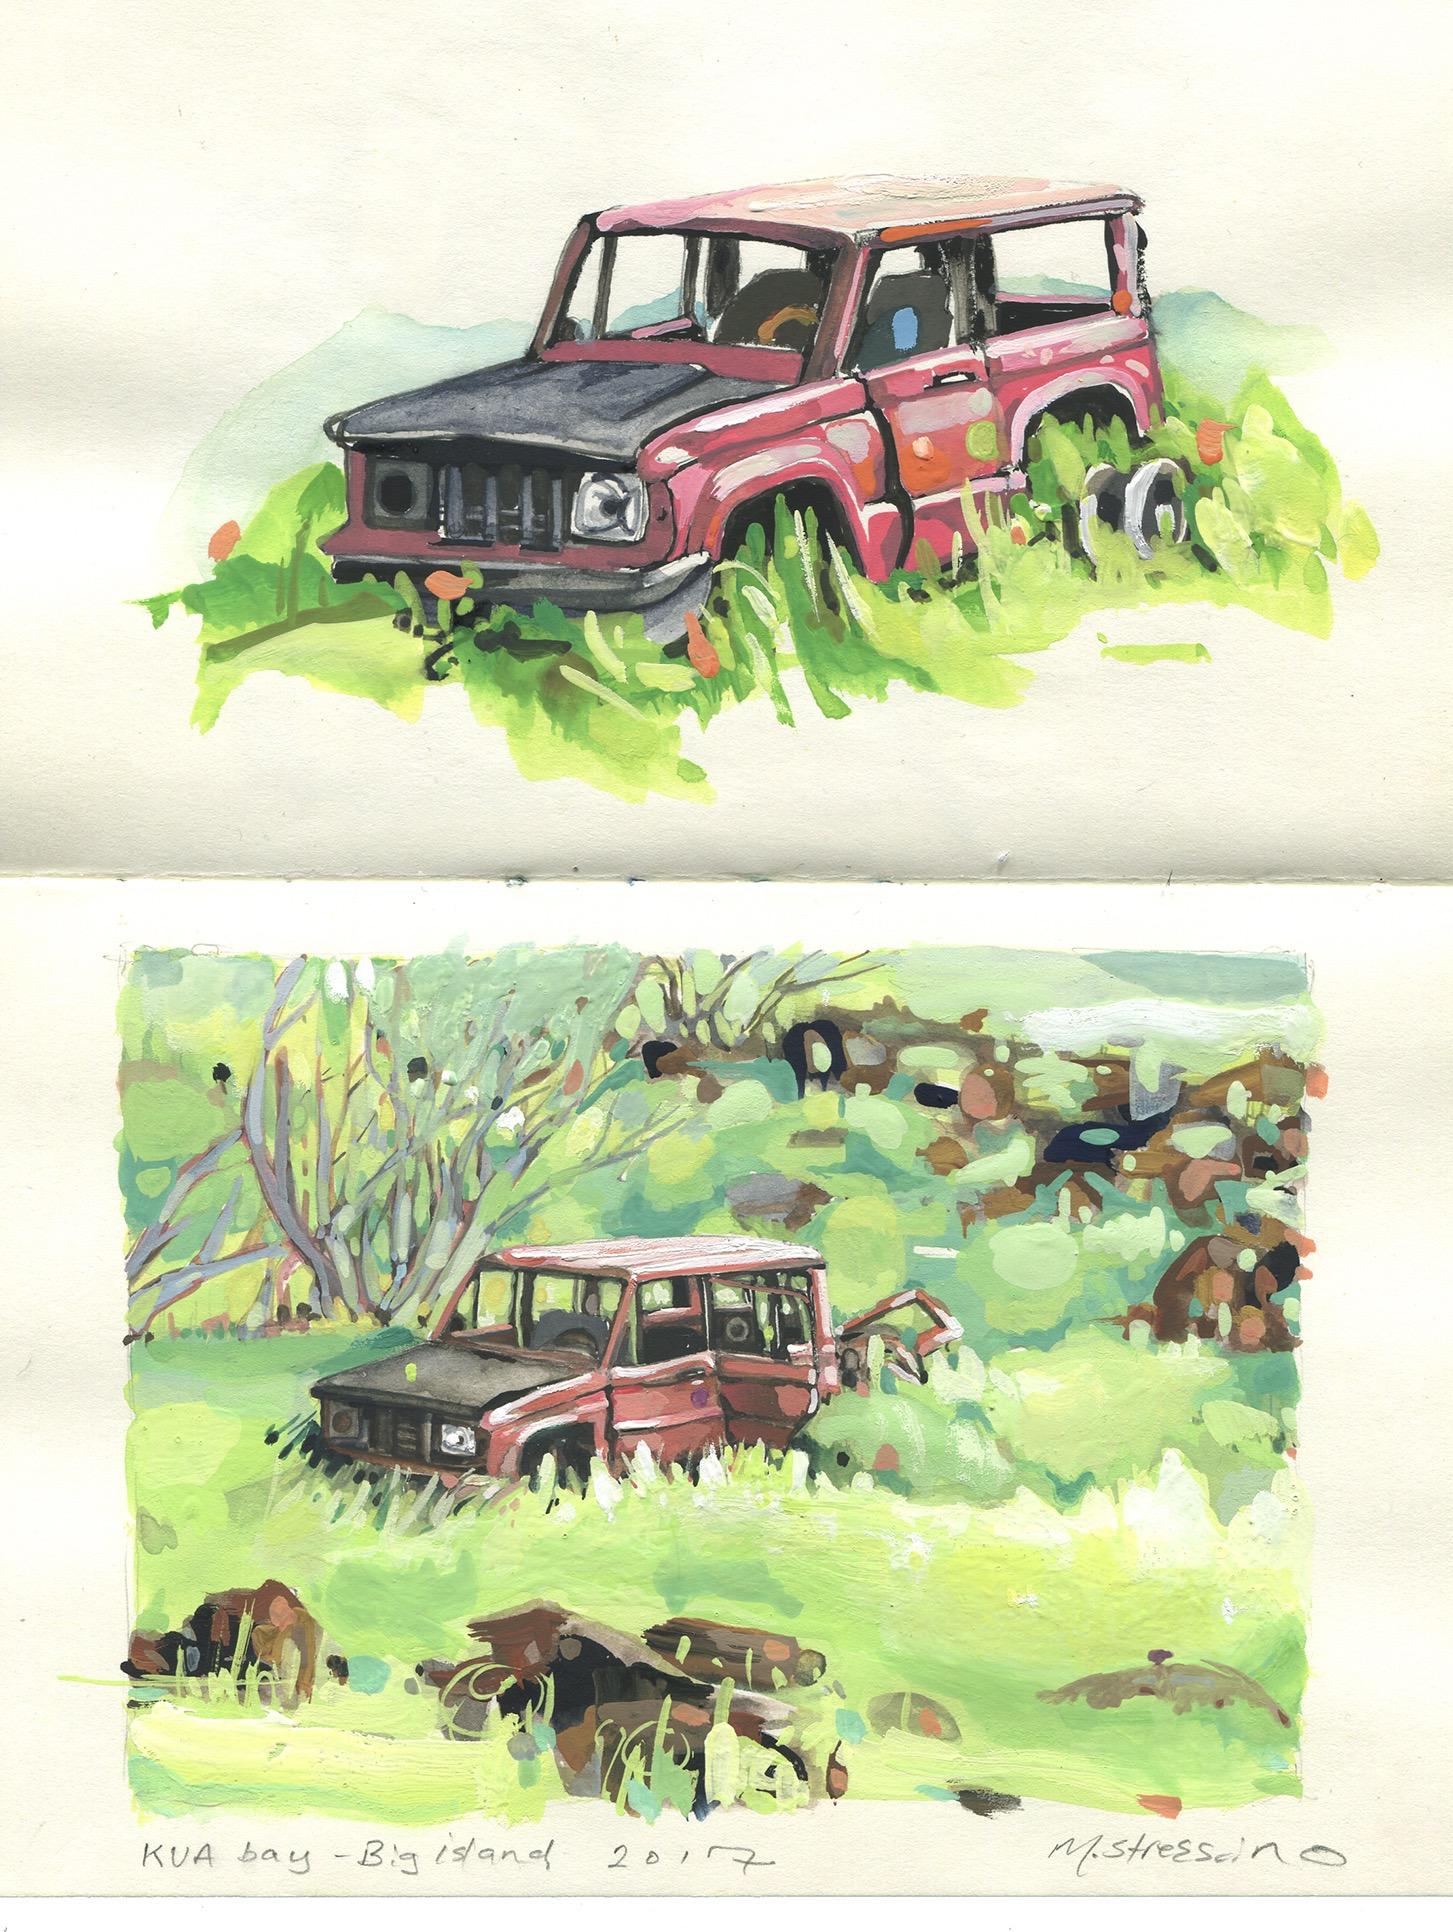 Abandoned jeep kua bay, big island - watercolor + gouache on moleskine